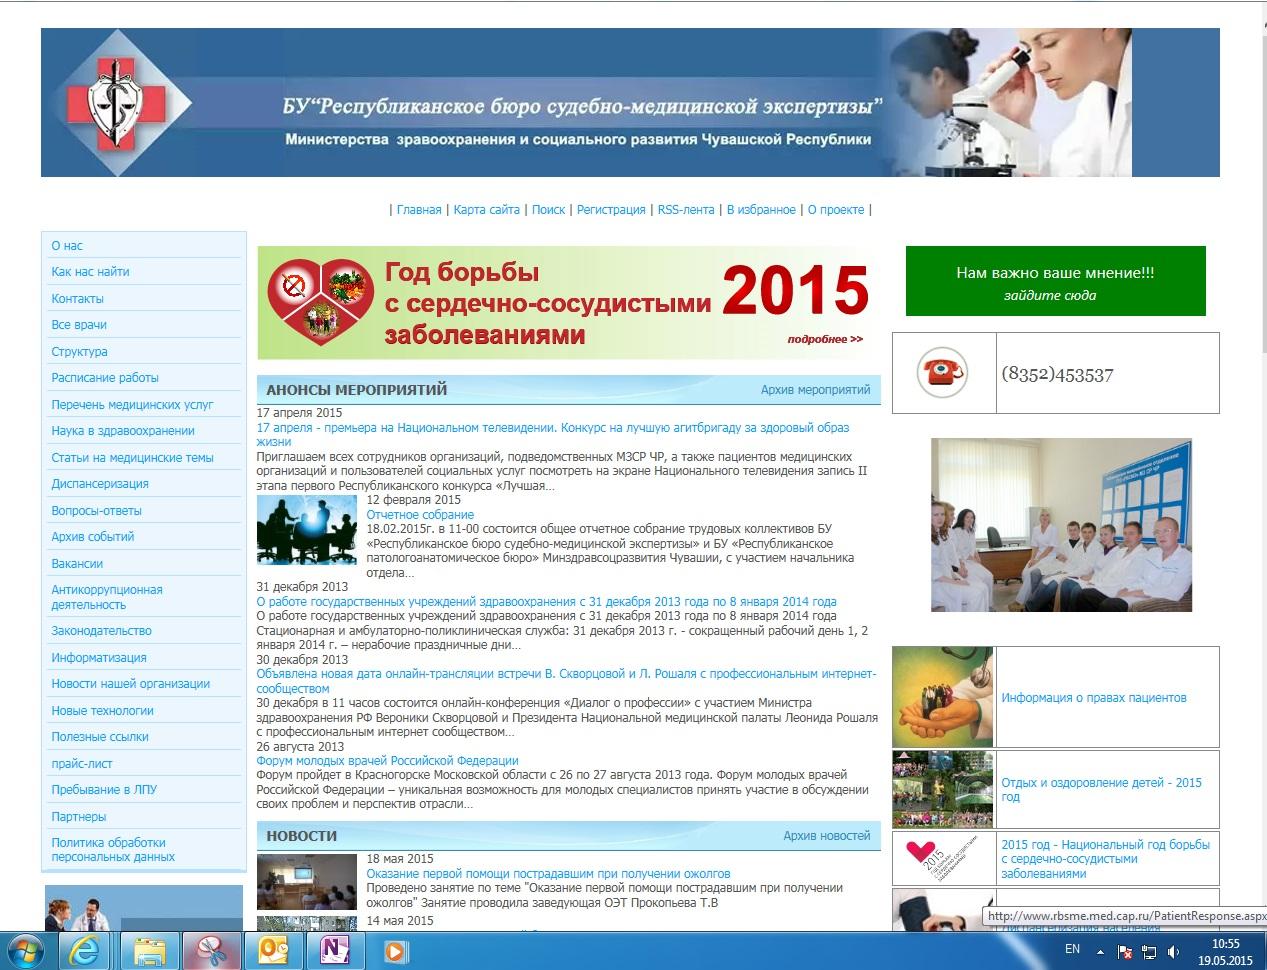 Бюджетное учреждение Чувашской Республики «Республиканское бюро судебно-медицинской экспертизы